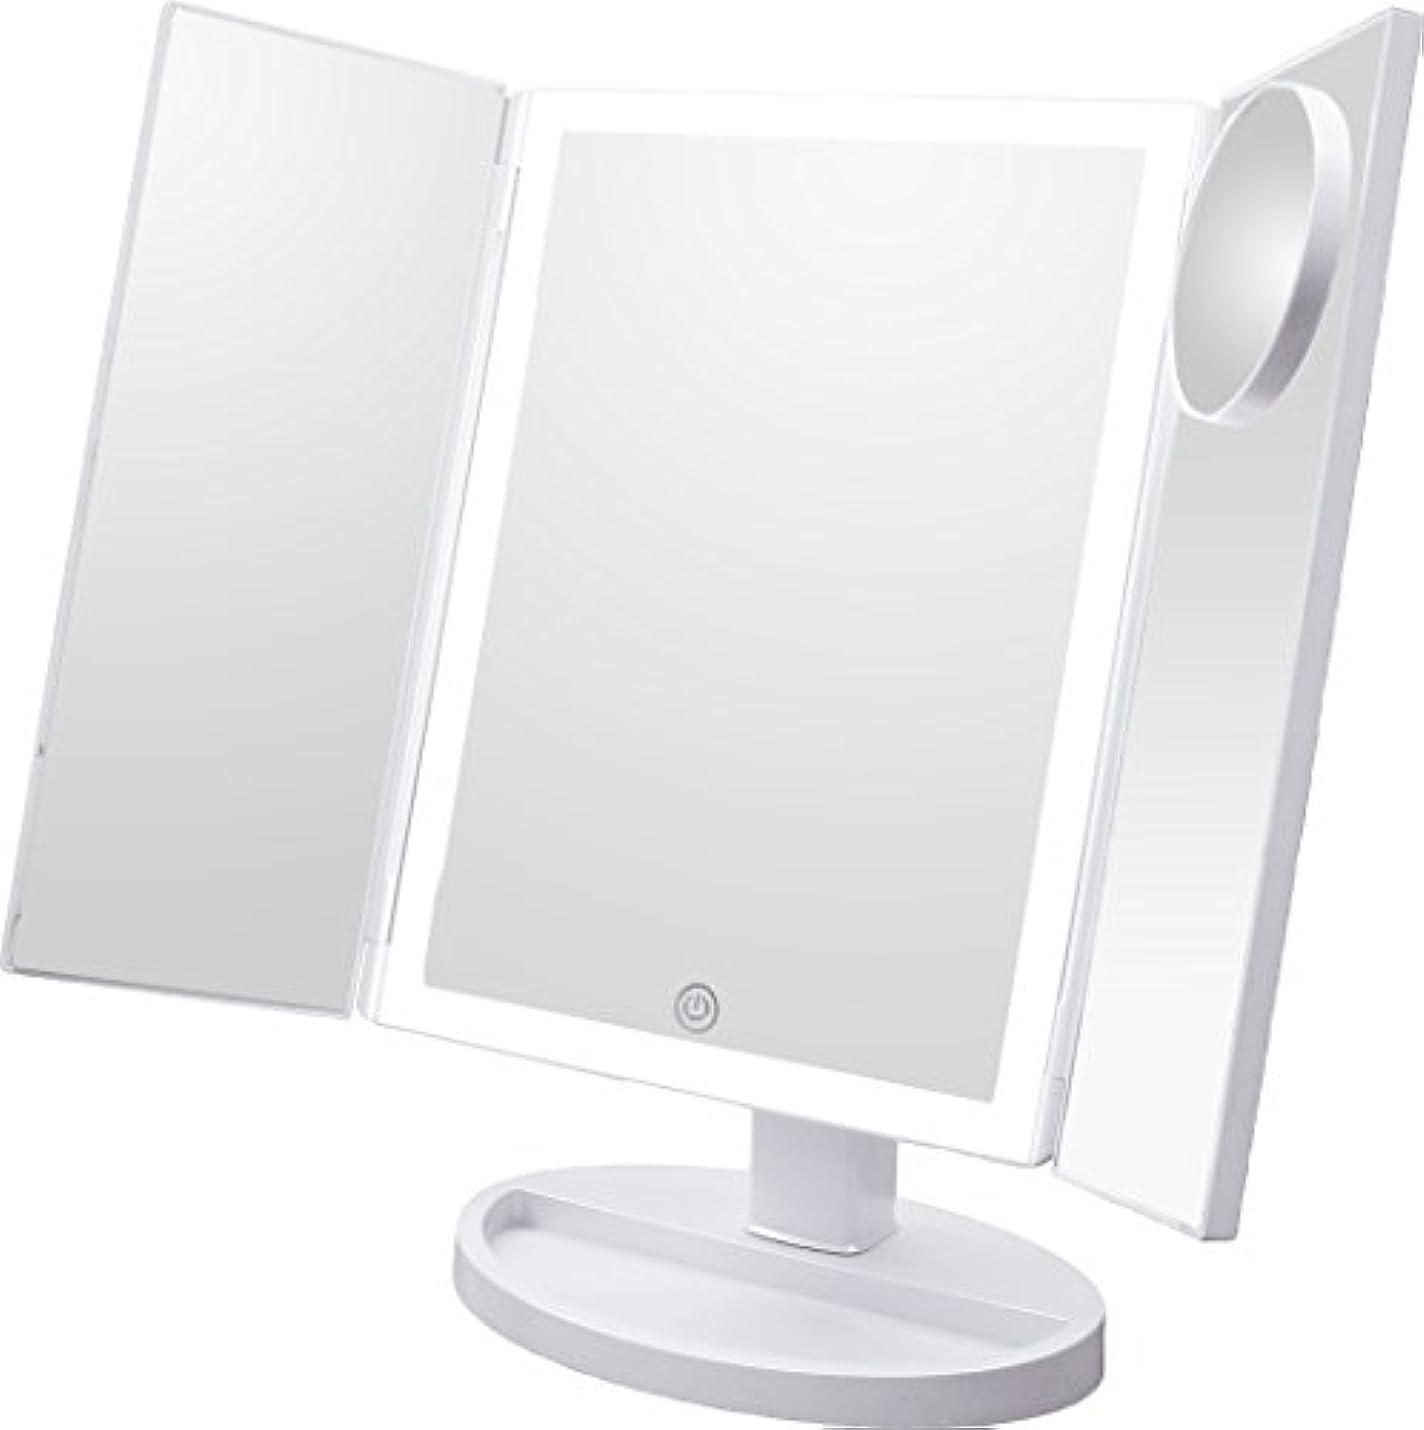 君主制控える逃れるLEDミラー LEDバー 3面鏡 10倍拡大鏡付き 女優ミラー メイクミラー ブライトミラー 卓上ミラー スタンドミラー (ホワイト)